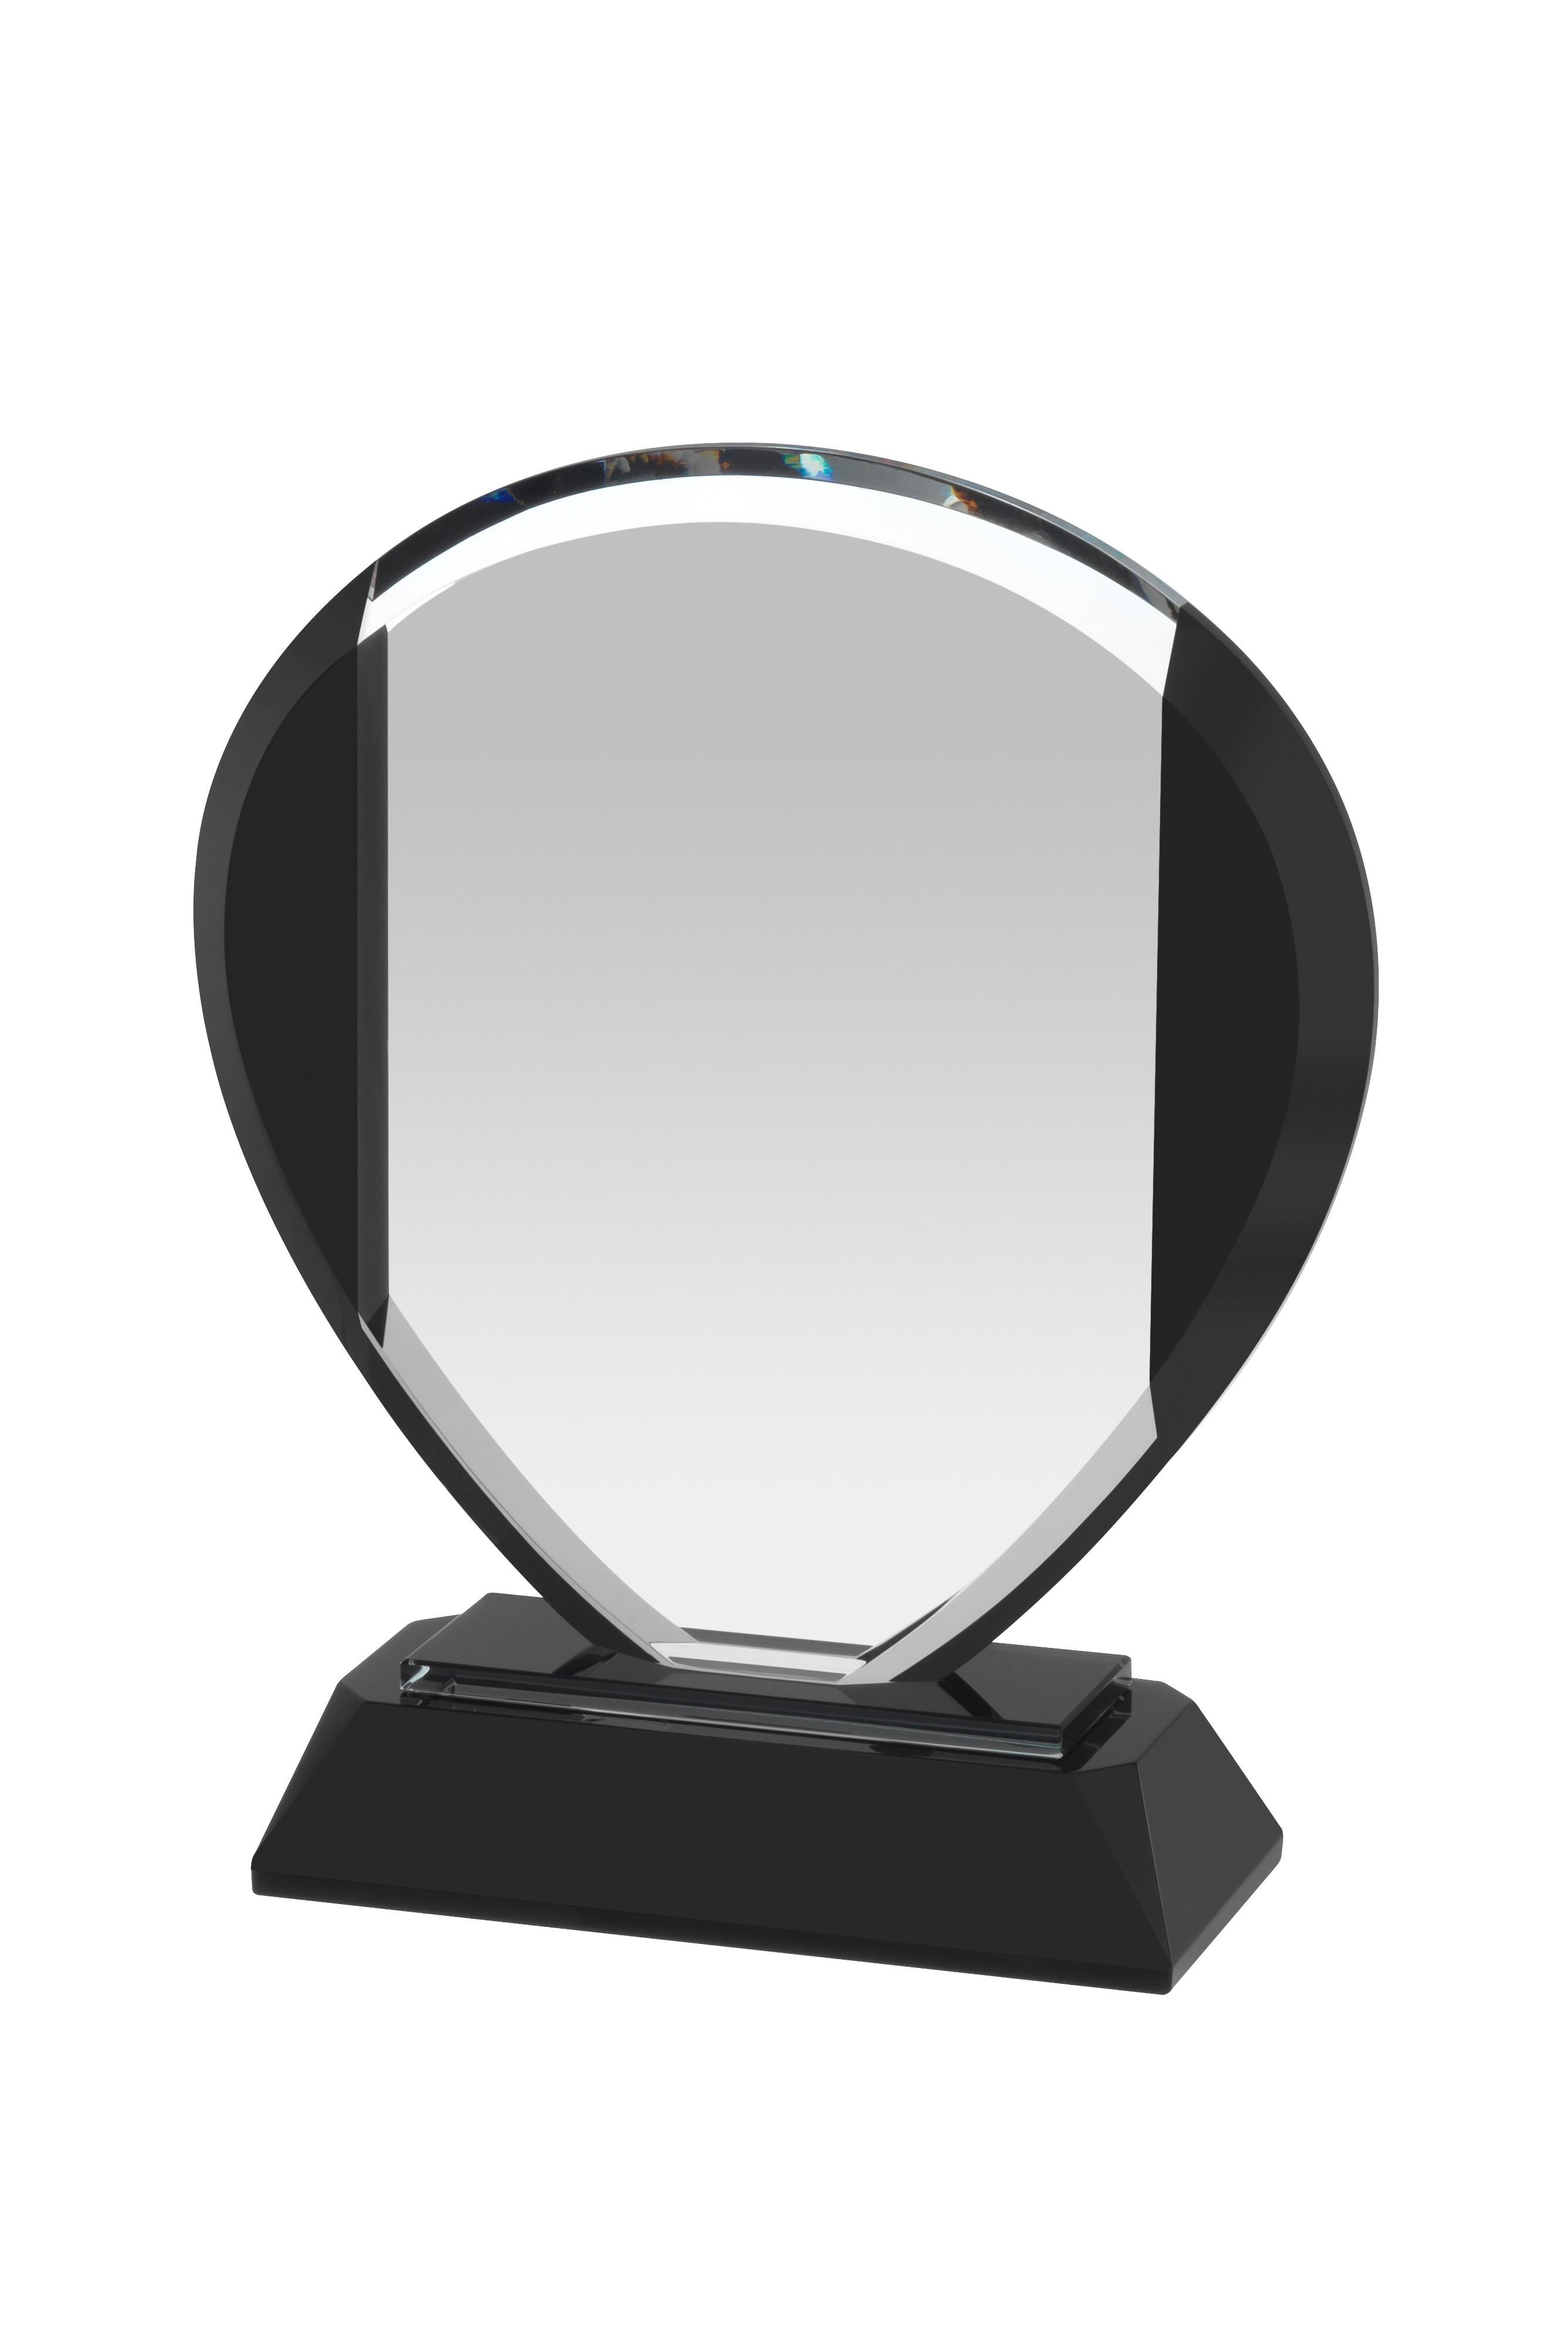 15cm Clear & Black Crystal Award in Box